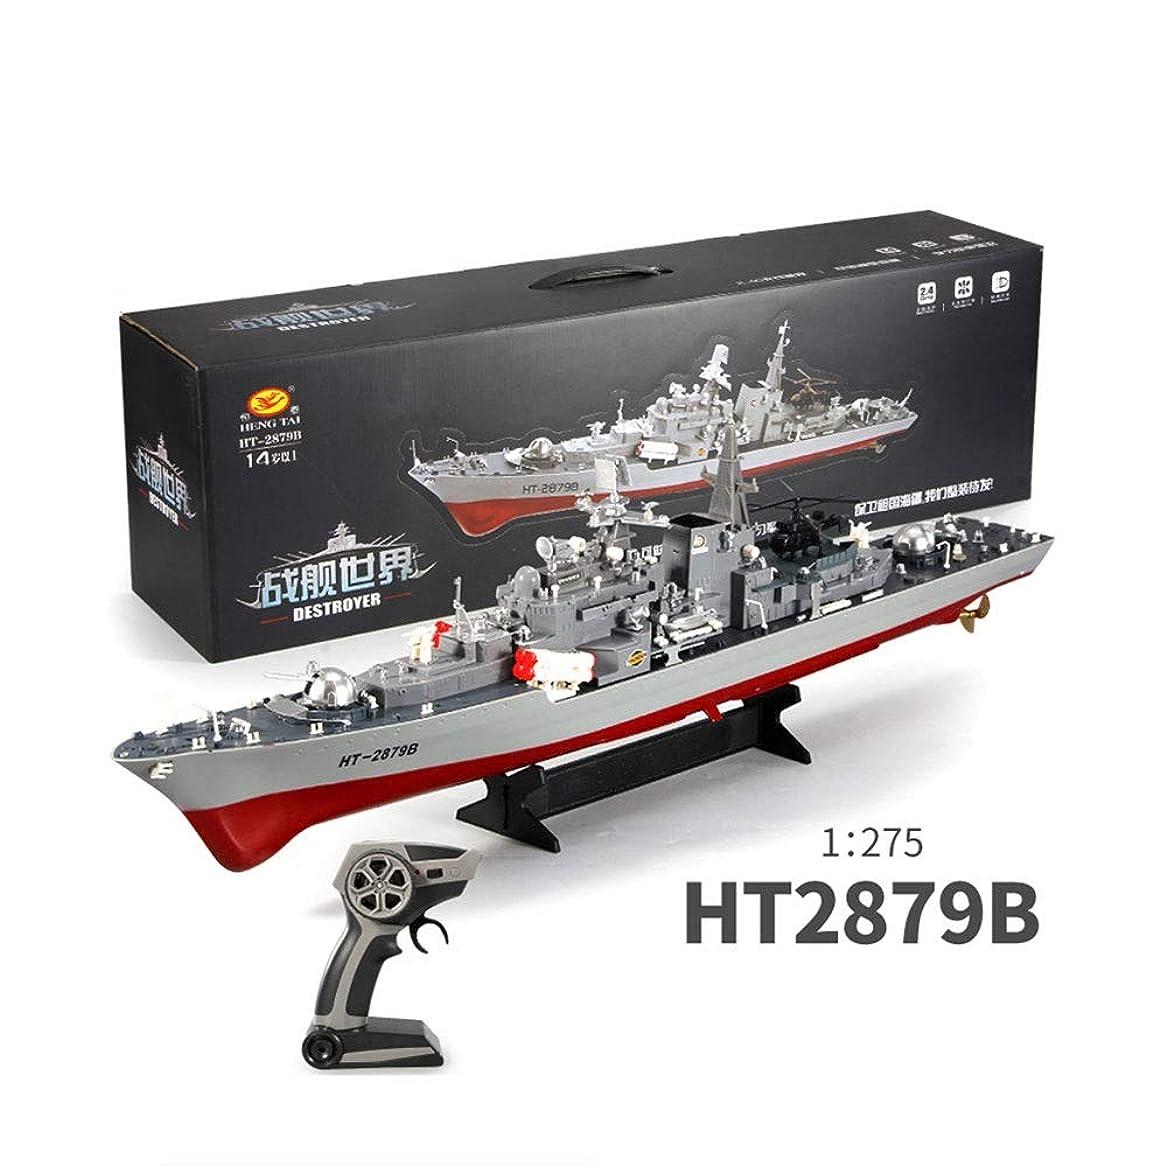 木製最大限描くAEDWQ 防水保護特大空母戦艦戦艦モデル(HT-2879B)でRCボートリモートコントロールボート275分の1割合2.4GHzのベストギフト用ボーイズ (Color : Three battery versions)